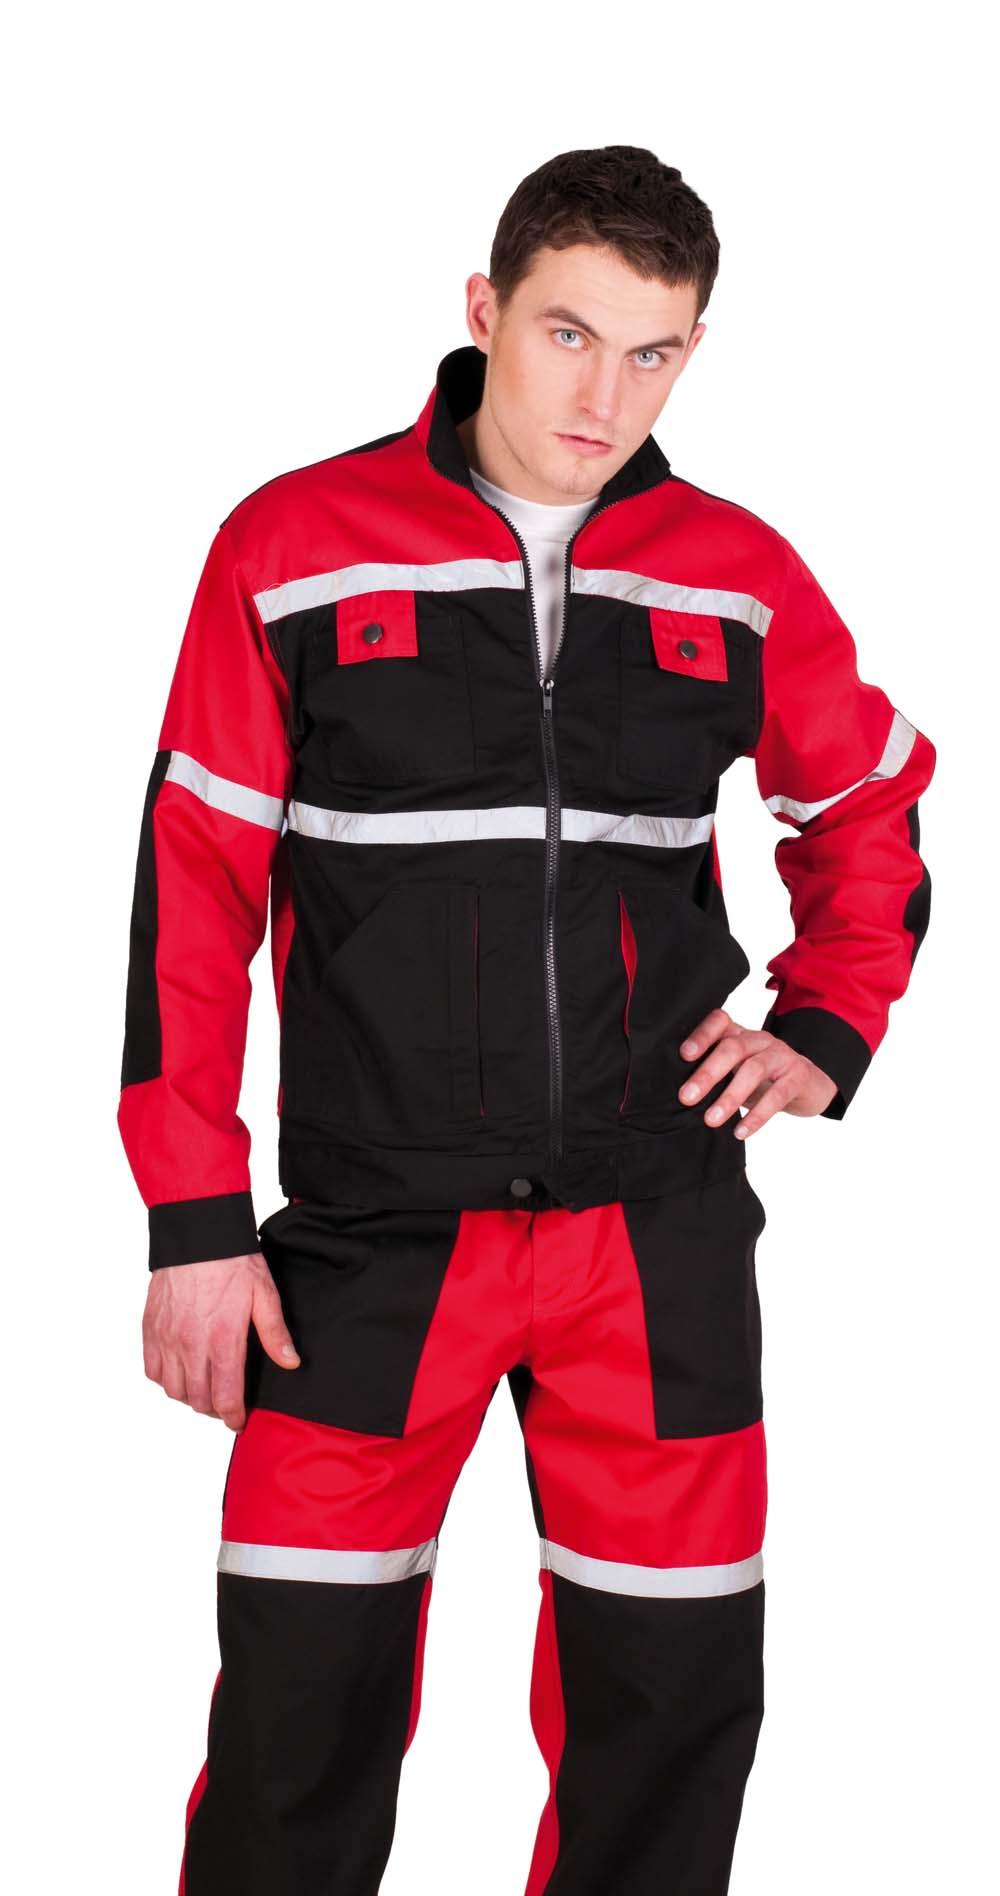 TAYRA kabát piros-fekete